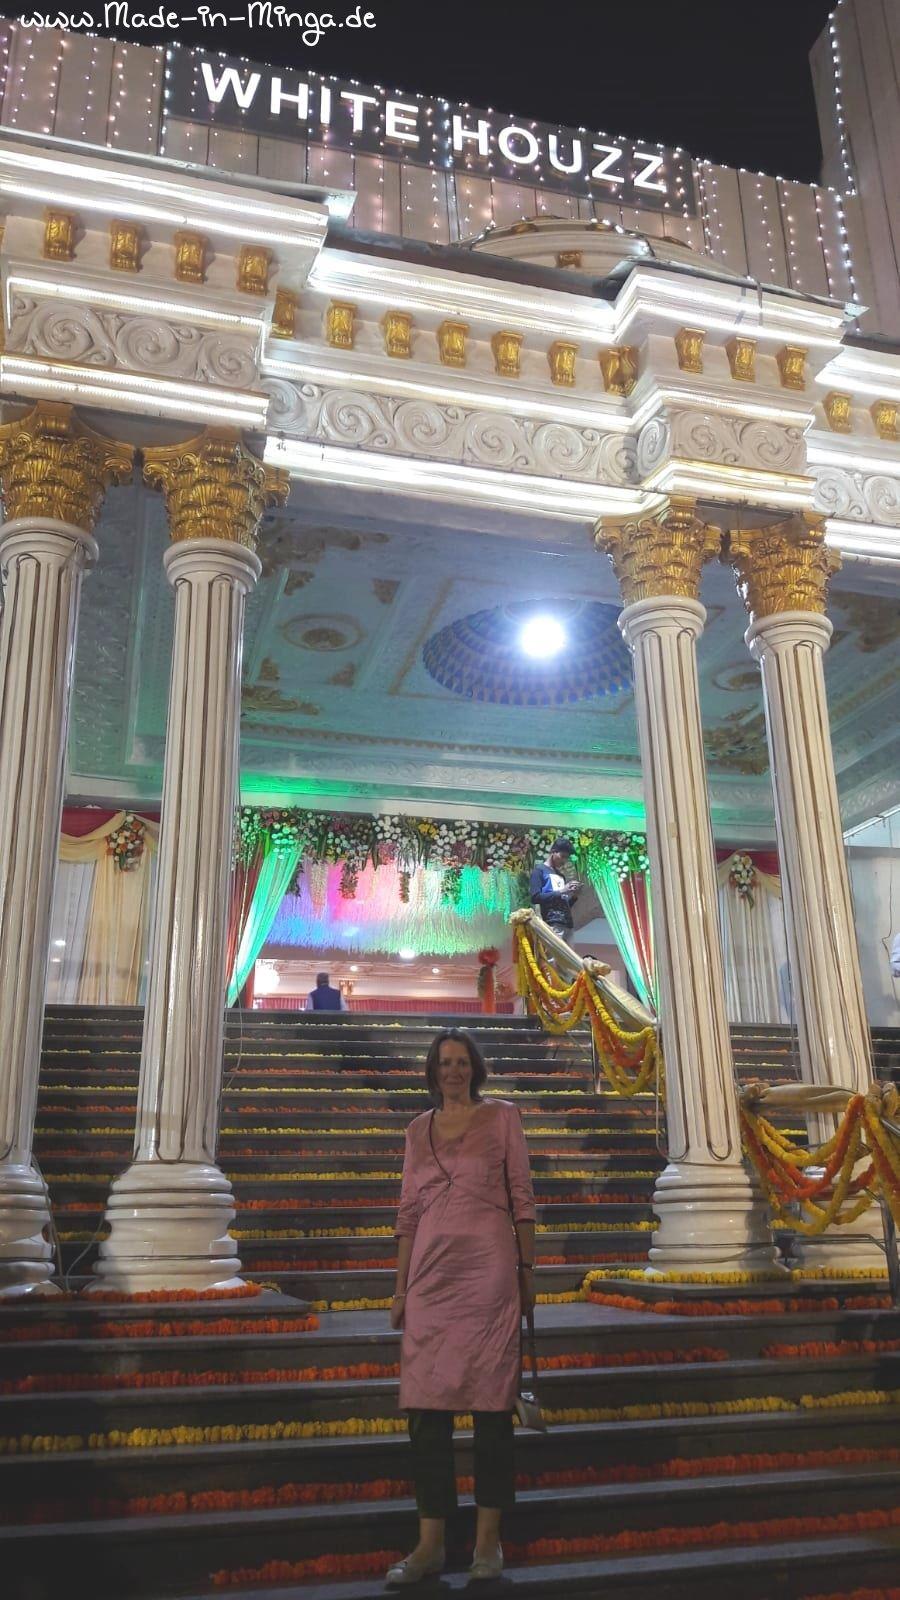 Seidenkleid nähen - Kameez für indische Hochzeit